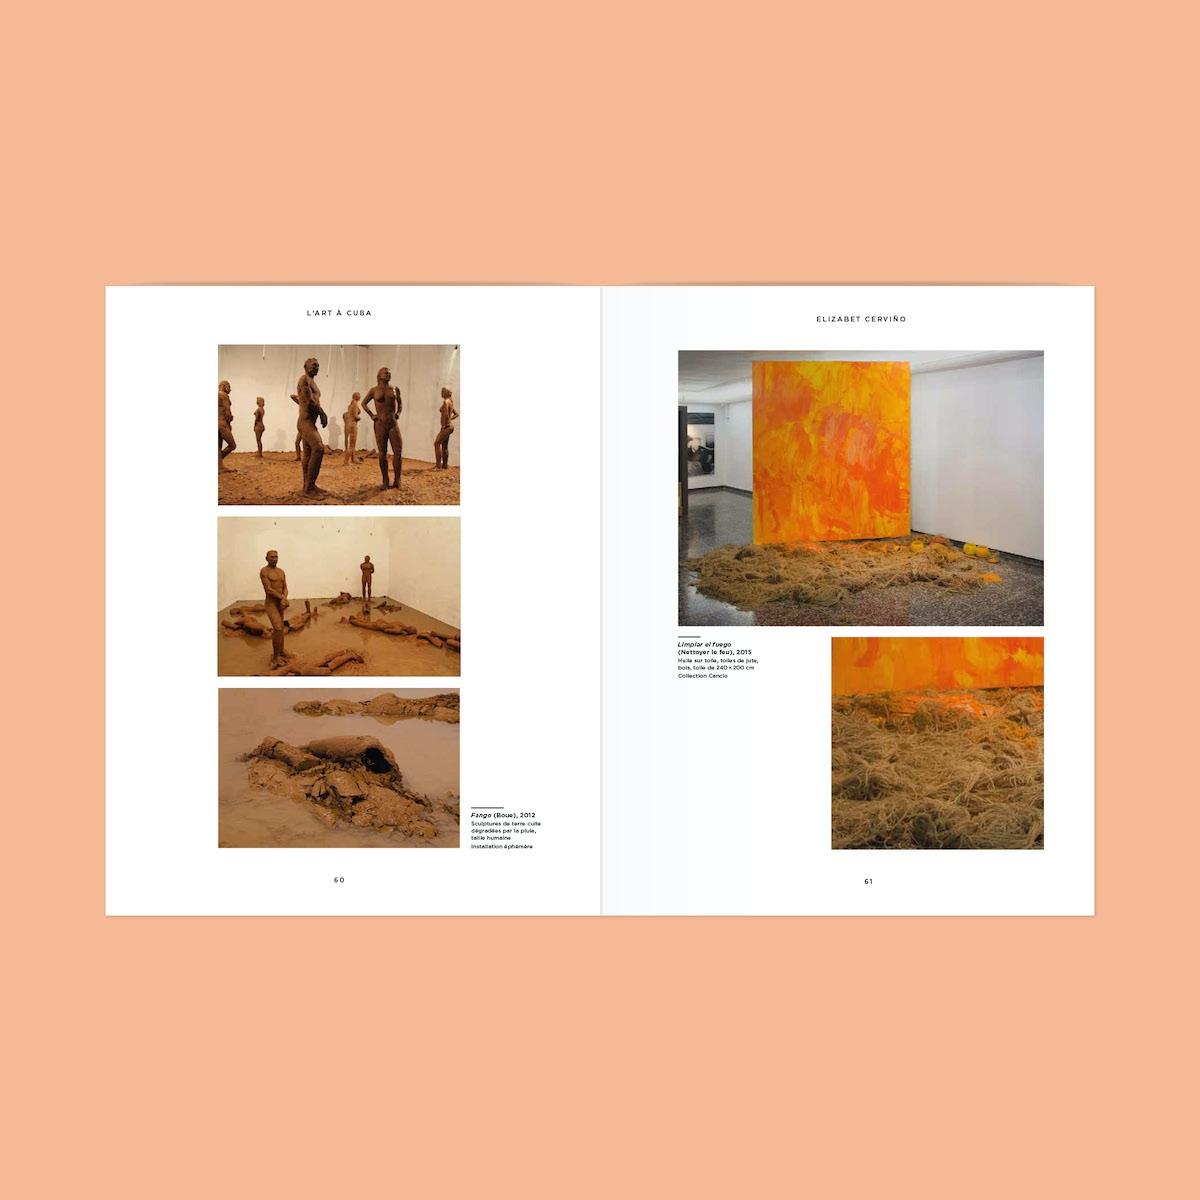 design image art a cuba 6